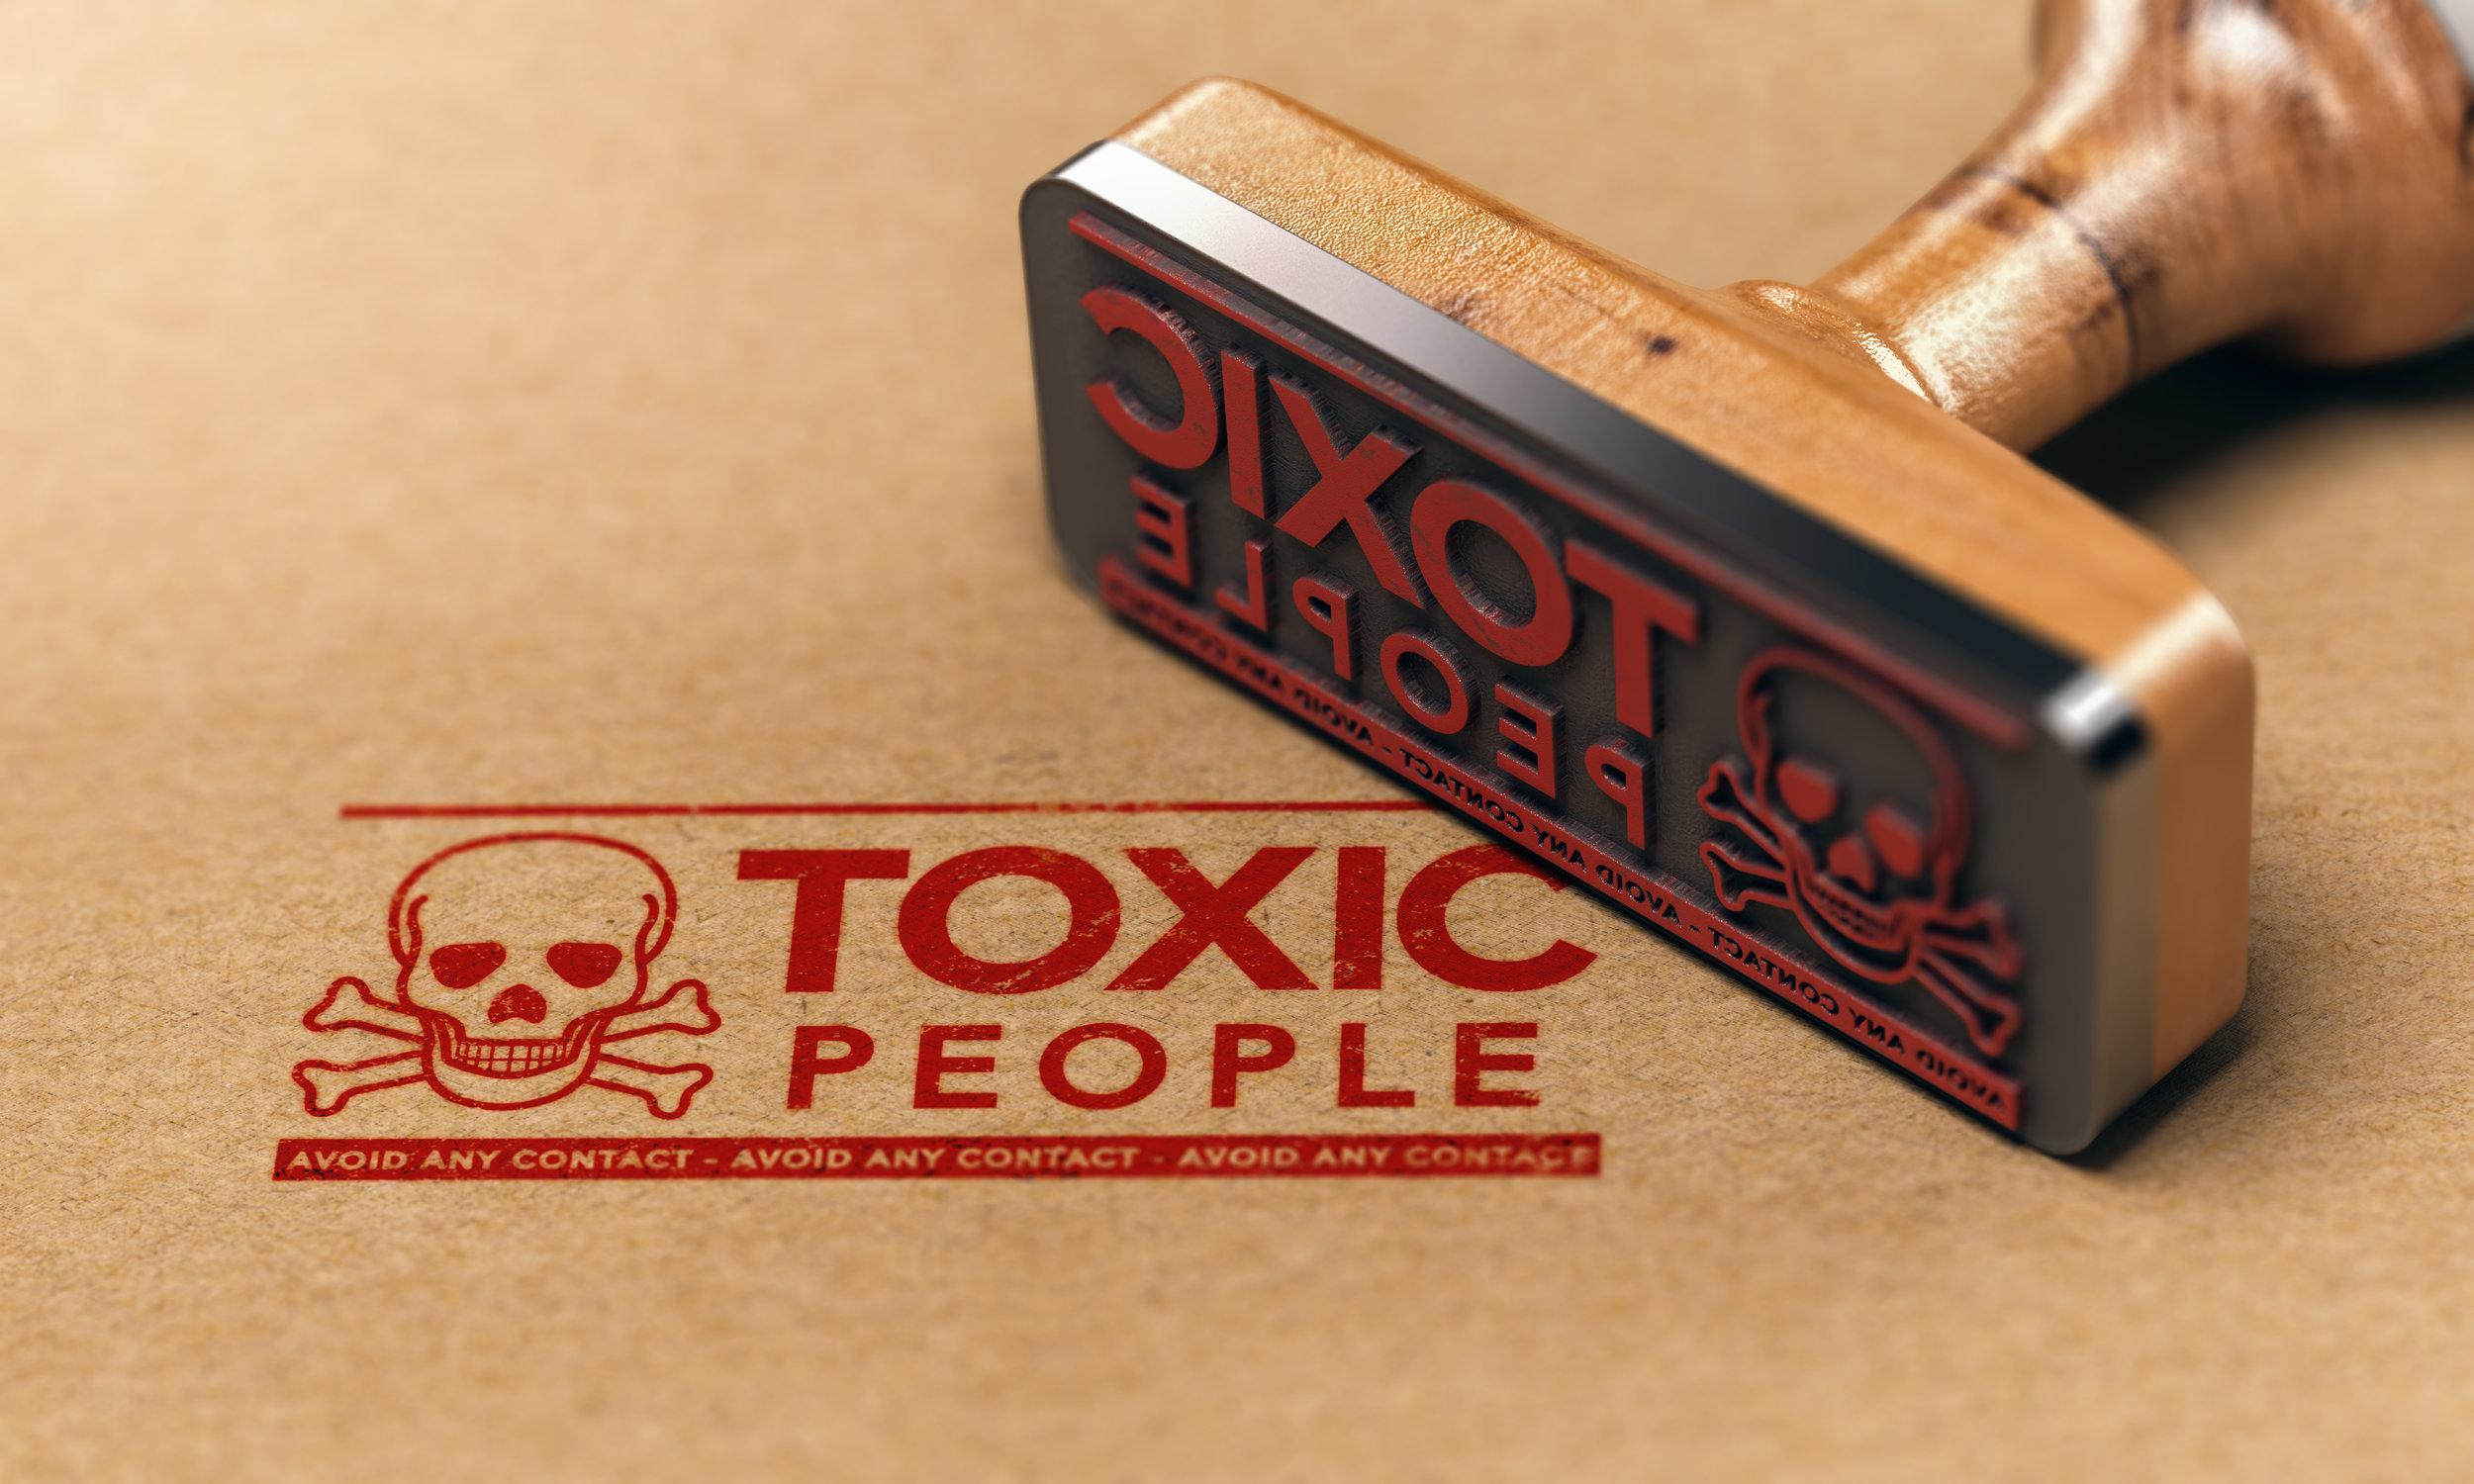 Toxic People Stamp.jpg